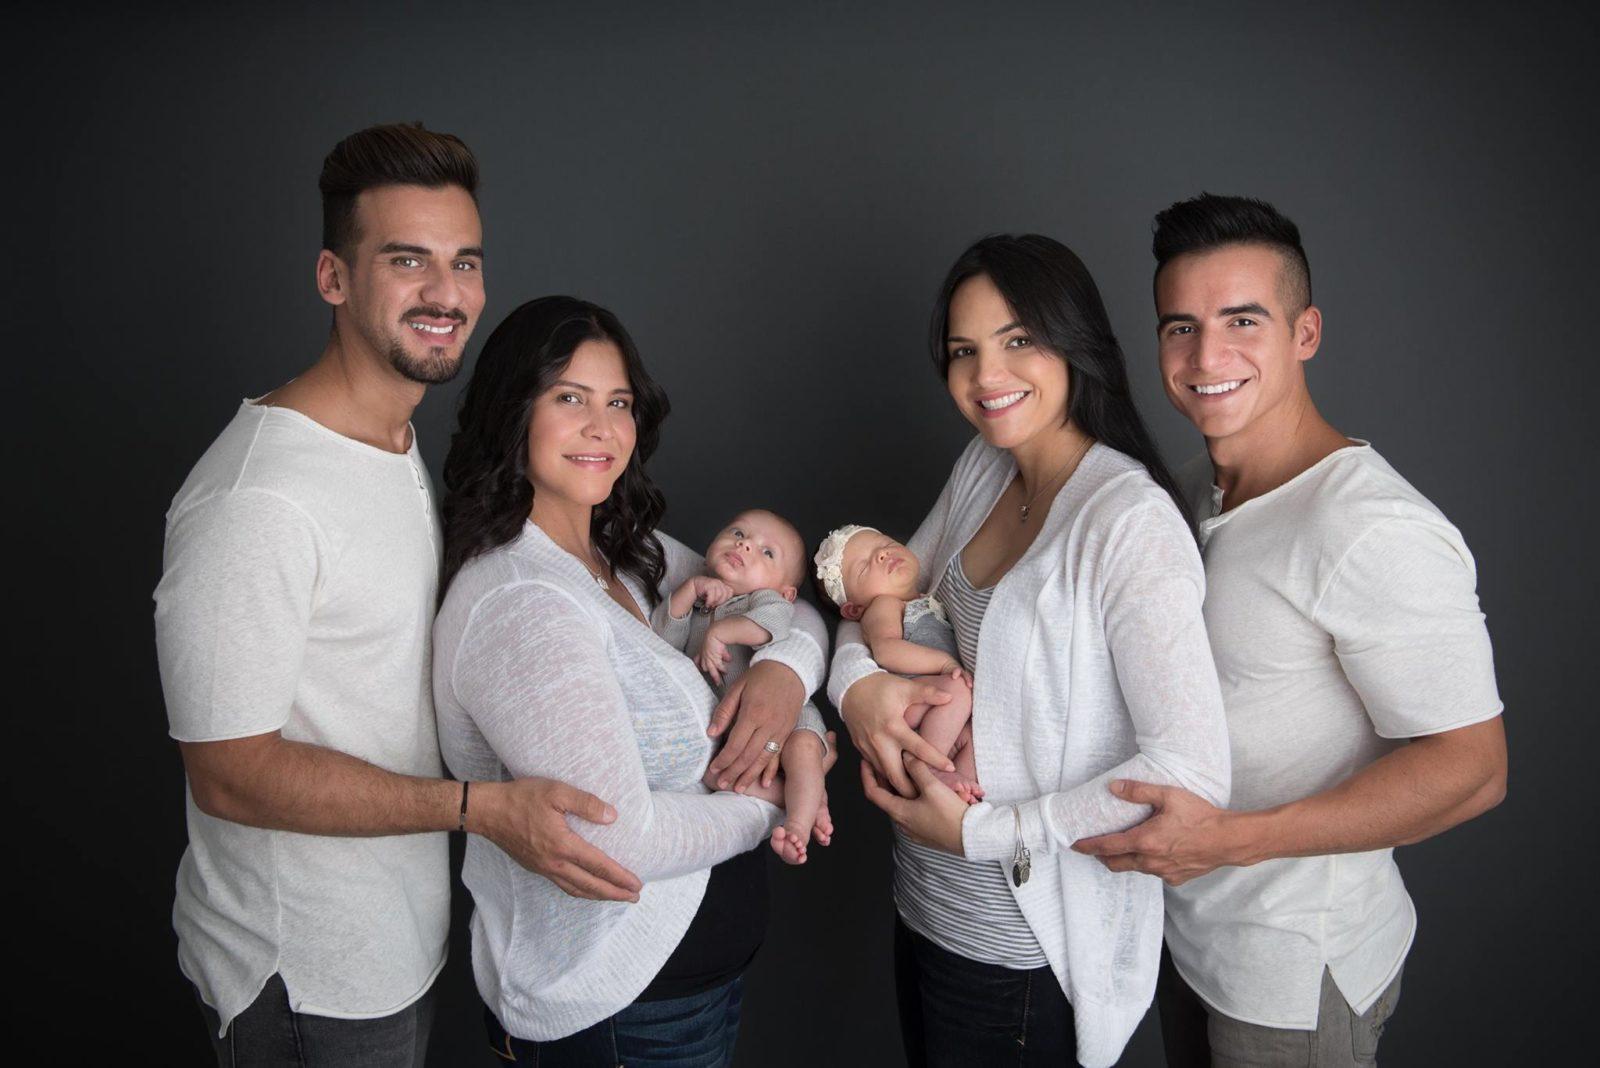 Lezbiyen Çift Bebek Sahibi Oldu, Sperm Donörleriyse Gay Bir Çift!